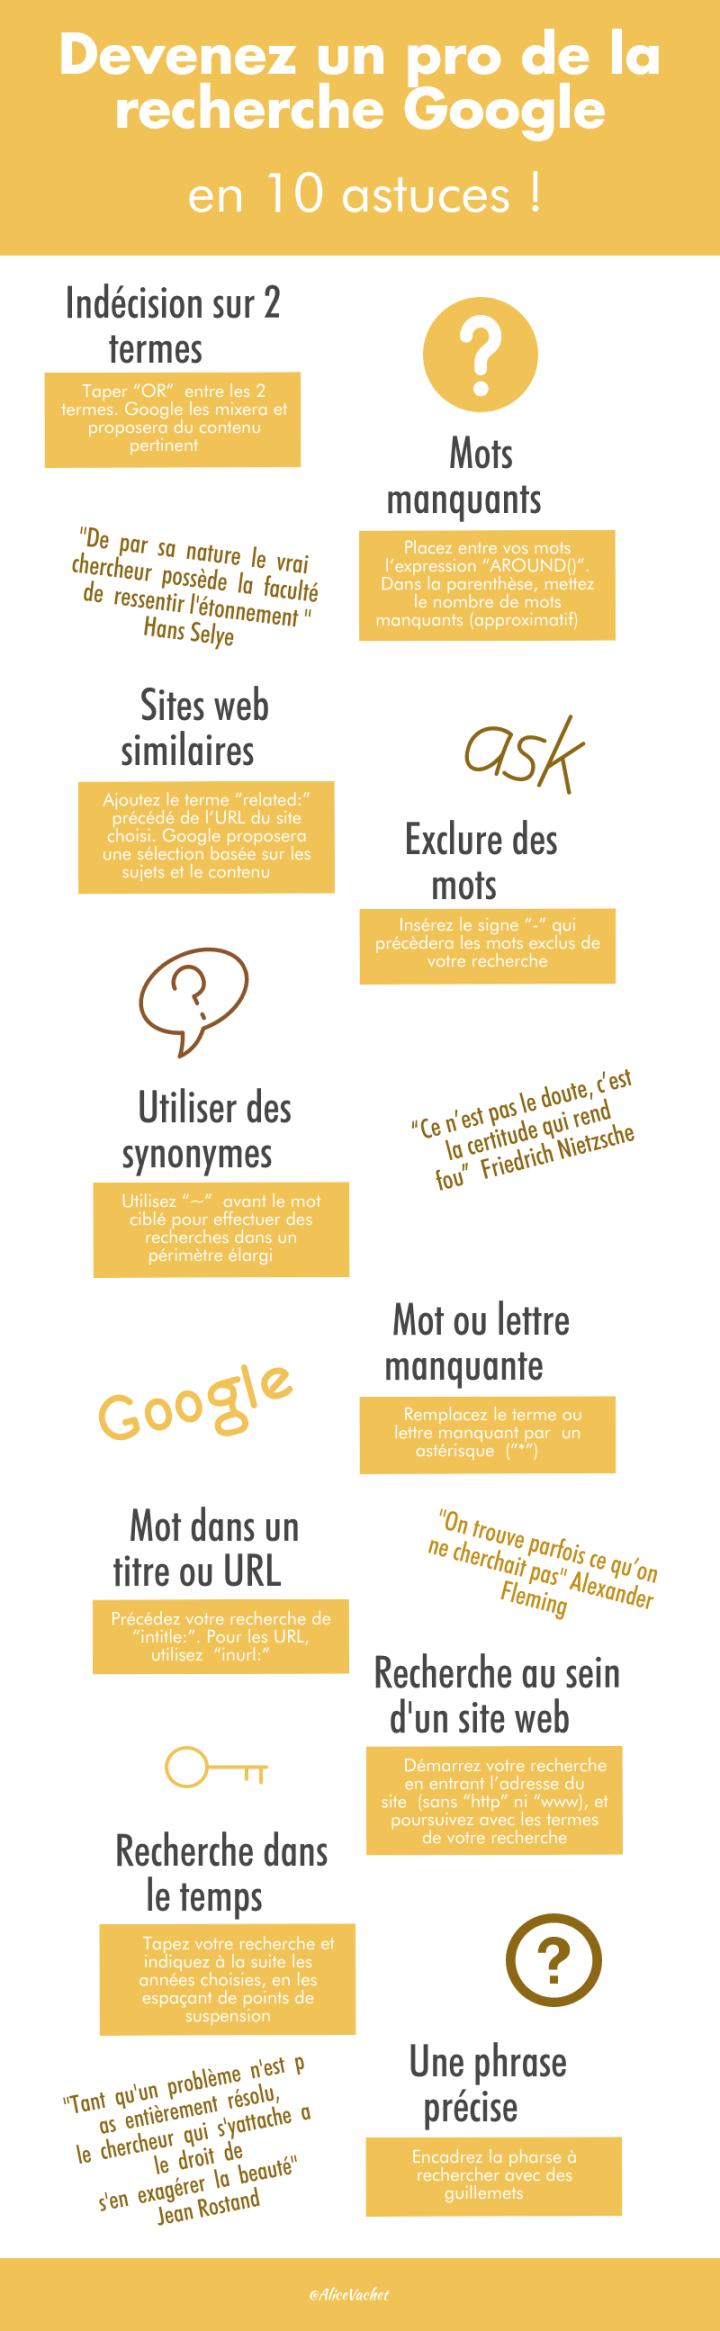 [INFOGRAPHIE] 10 Conseils Pour Devenir Un PRO De La Recherche Google!